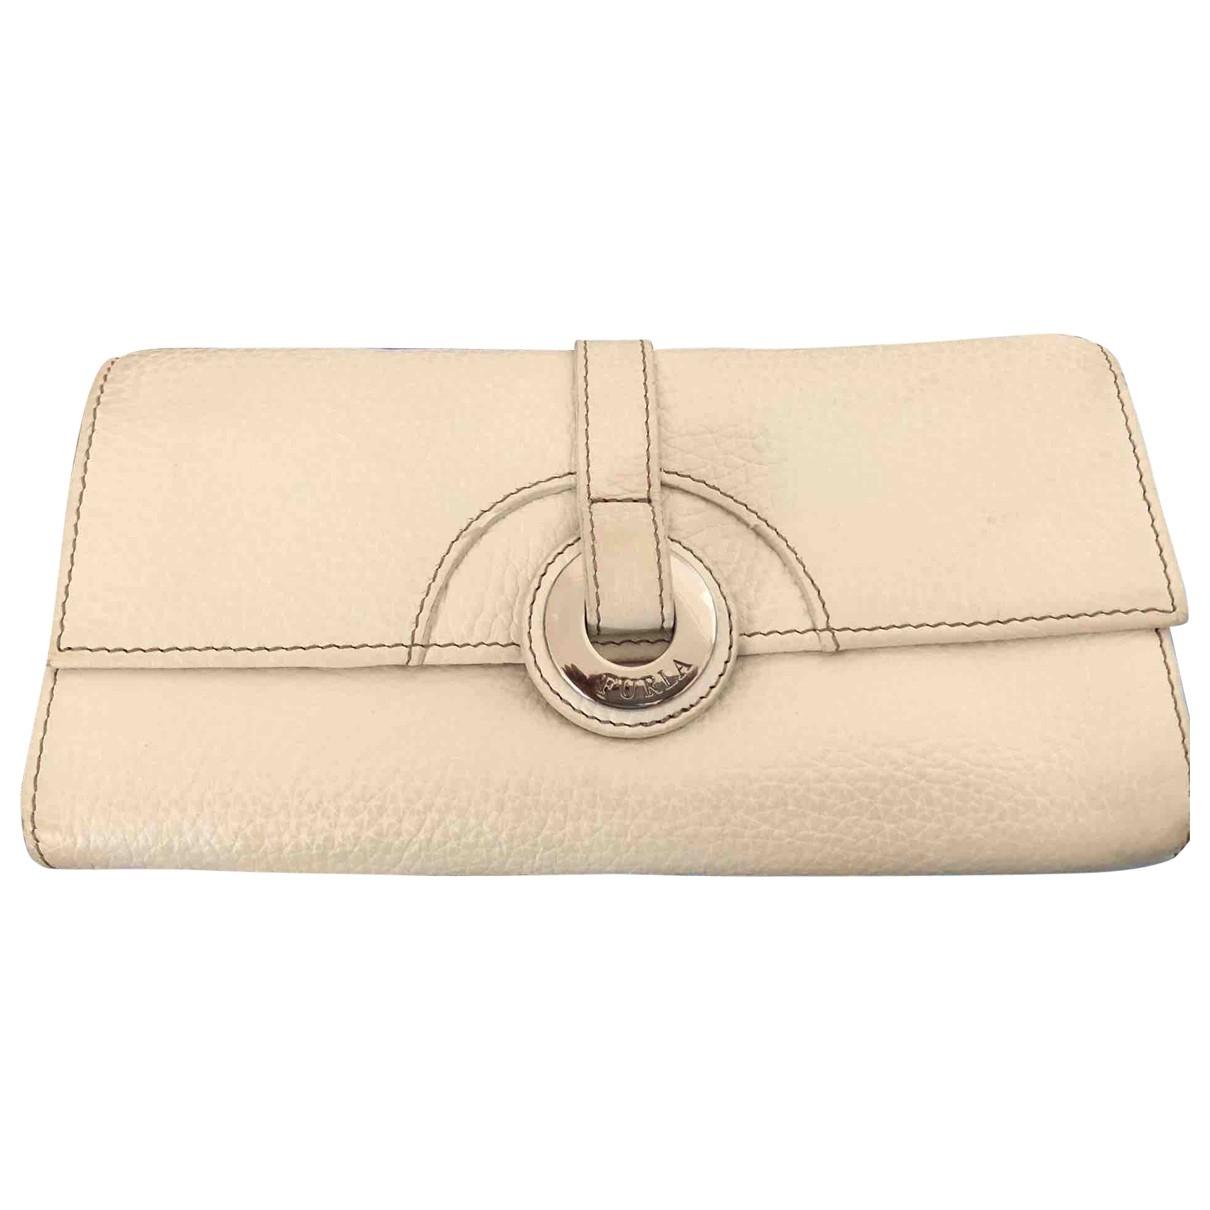 Furla \N Beige Leather wallet for Women \N